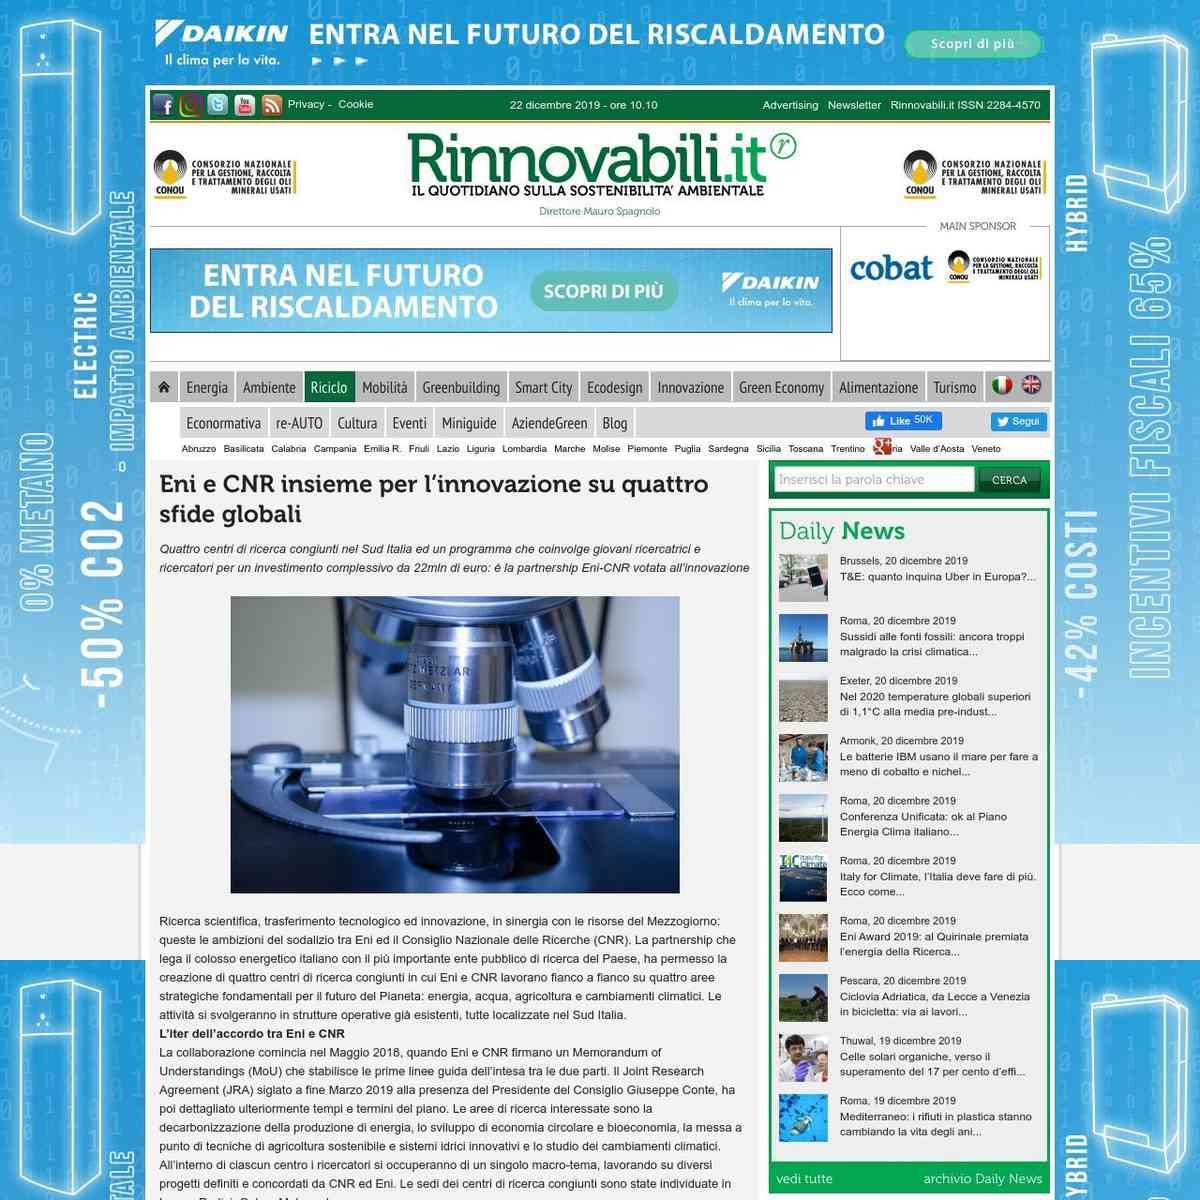 Eni CNR: Ricerca scientifica, trasferimento tecnologico ed innovazione